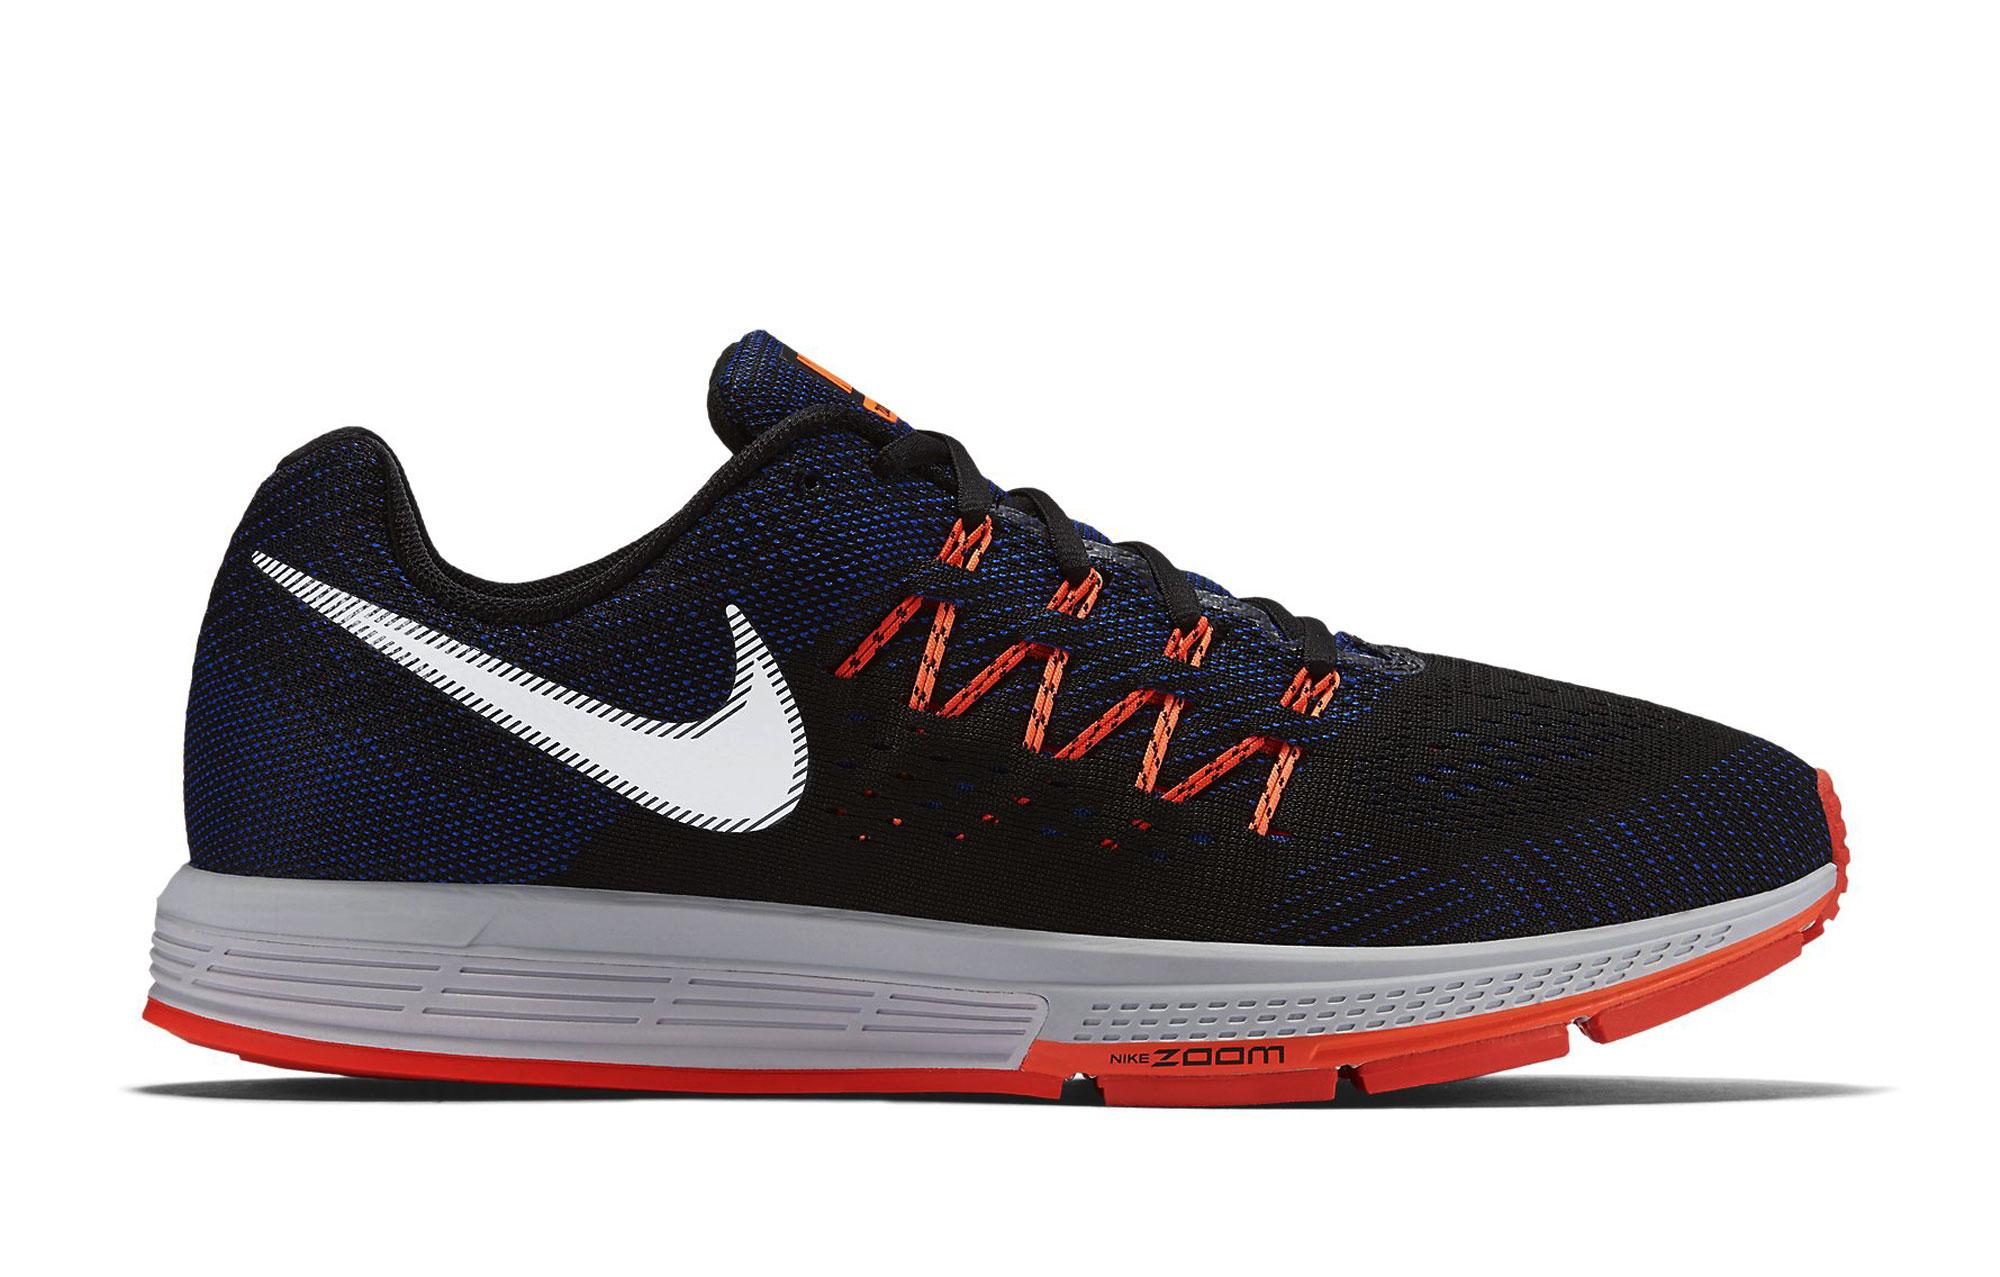 7b0314c5167 Zapatillas Nike AIR ZOOM VOMERO 10 para Hombre Negro   Azul